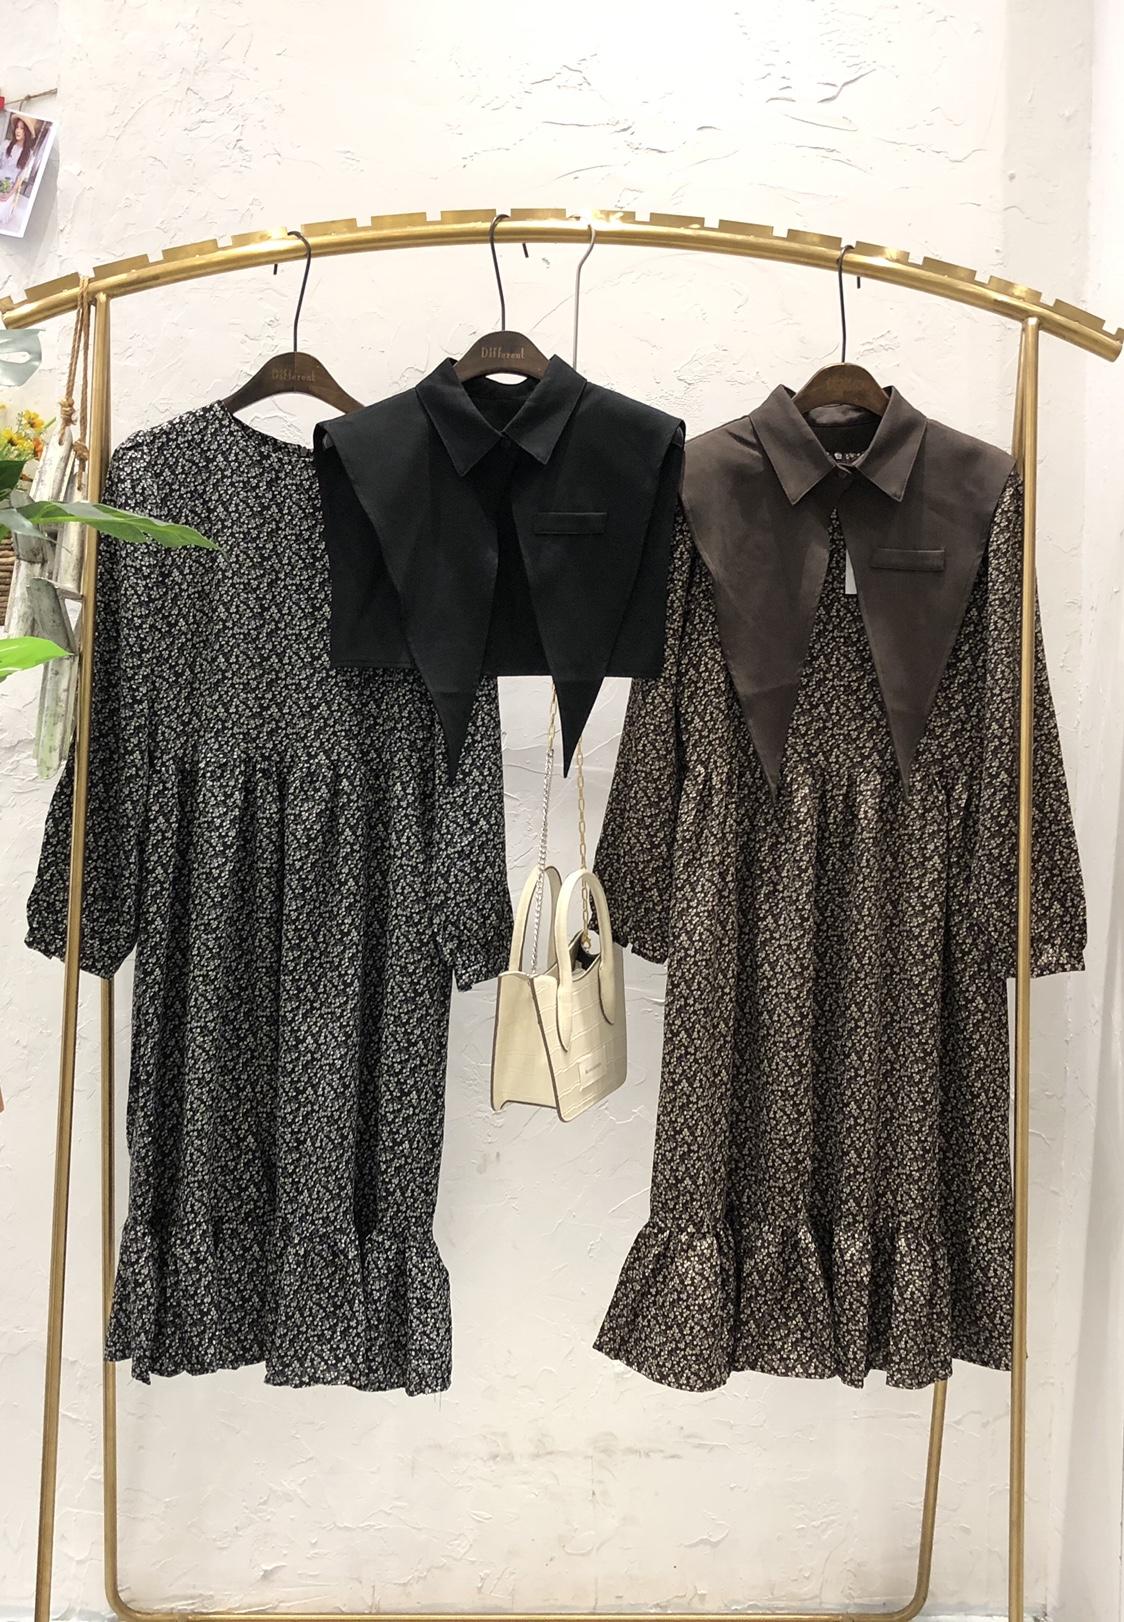 2020年秋季新款韩版时尚宽松轻薄舒适可拆卸连衣裙